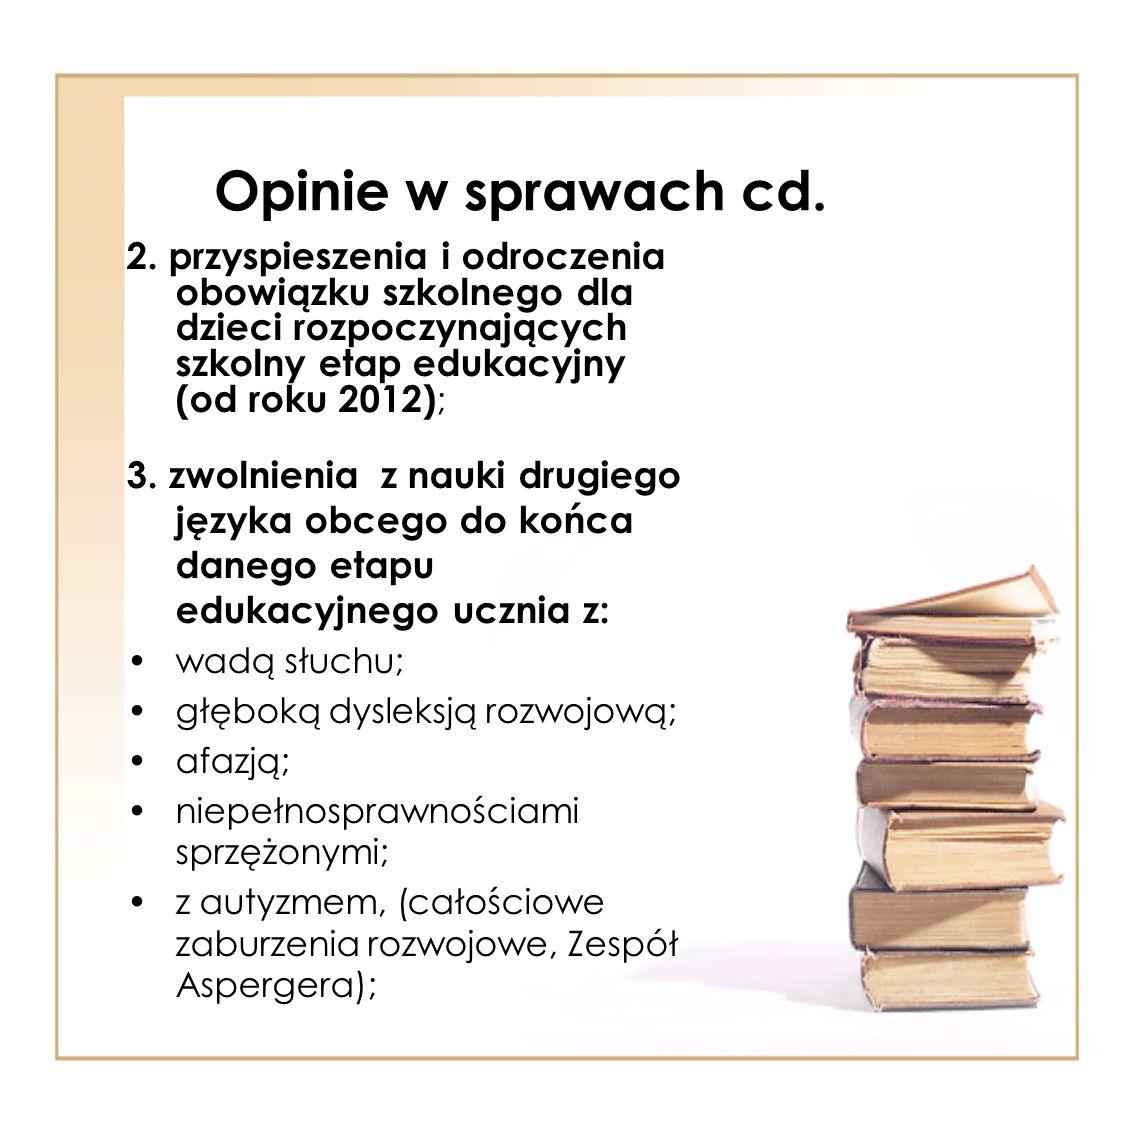 Opinie w sprawach cd. 2. przyspieszenia i odroczenia obowiązku szkolnego dla dzieci rozpoczynających szkolny etap edukacyjny (od roku 2012) ; 3. zwoln